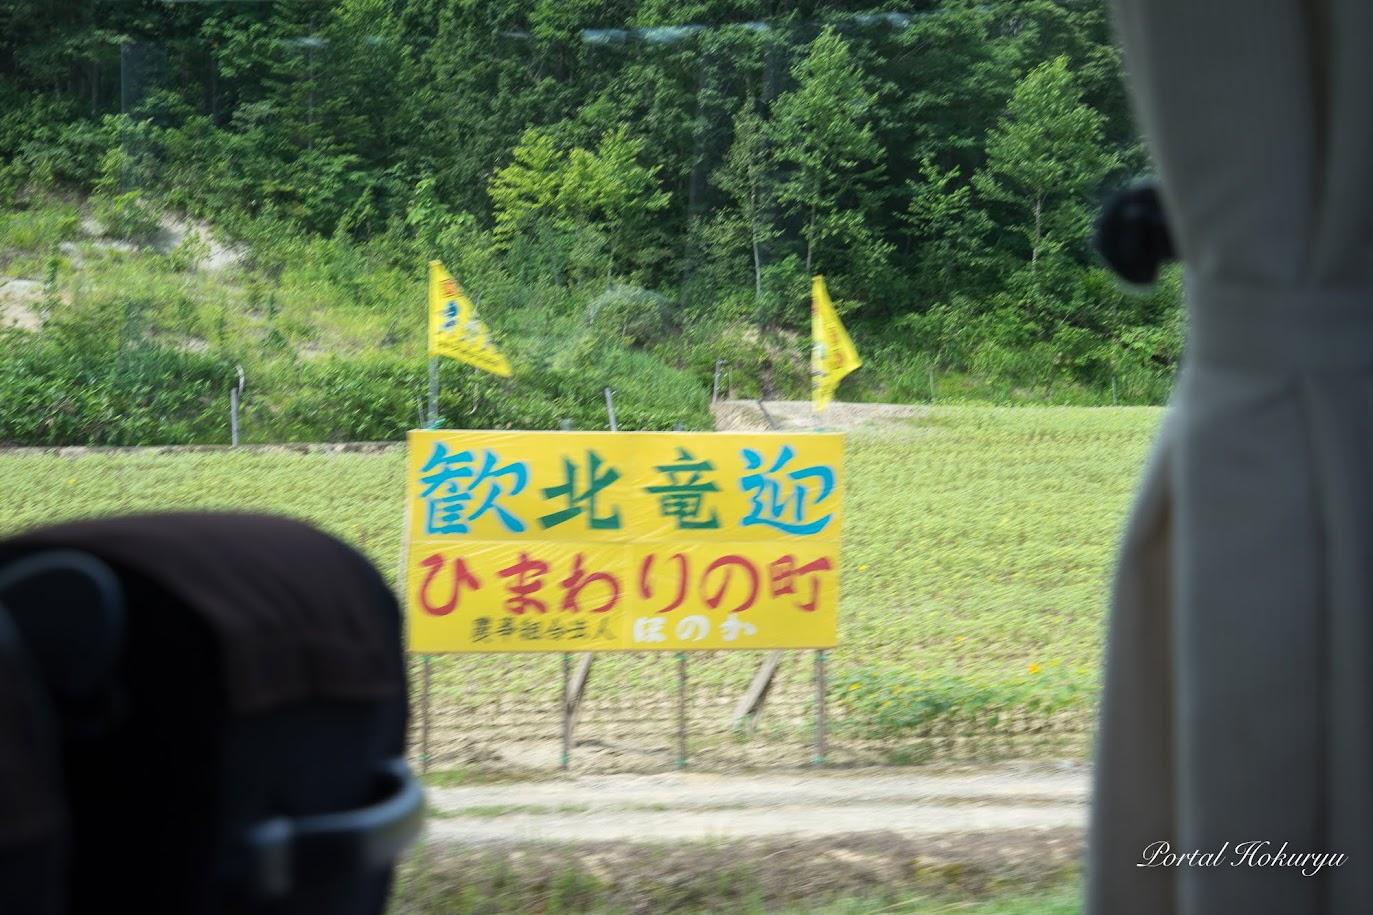 深川留萌自動車道の「北竜ひまわりインターチェンジ」で迎える看板